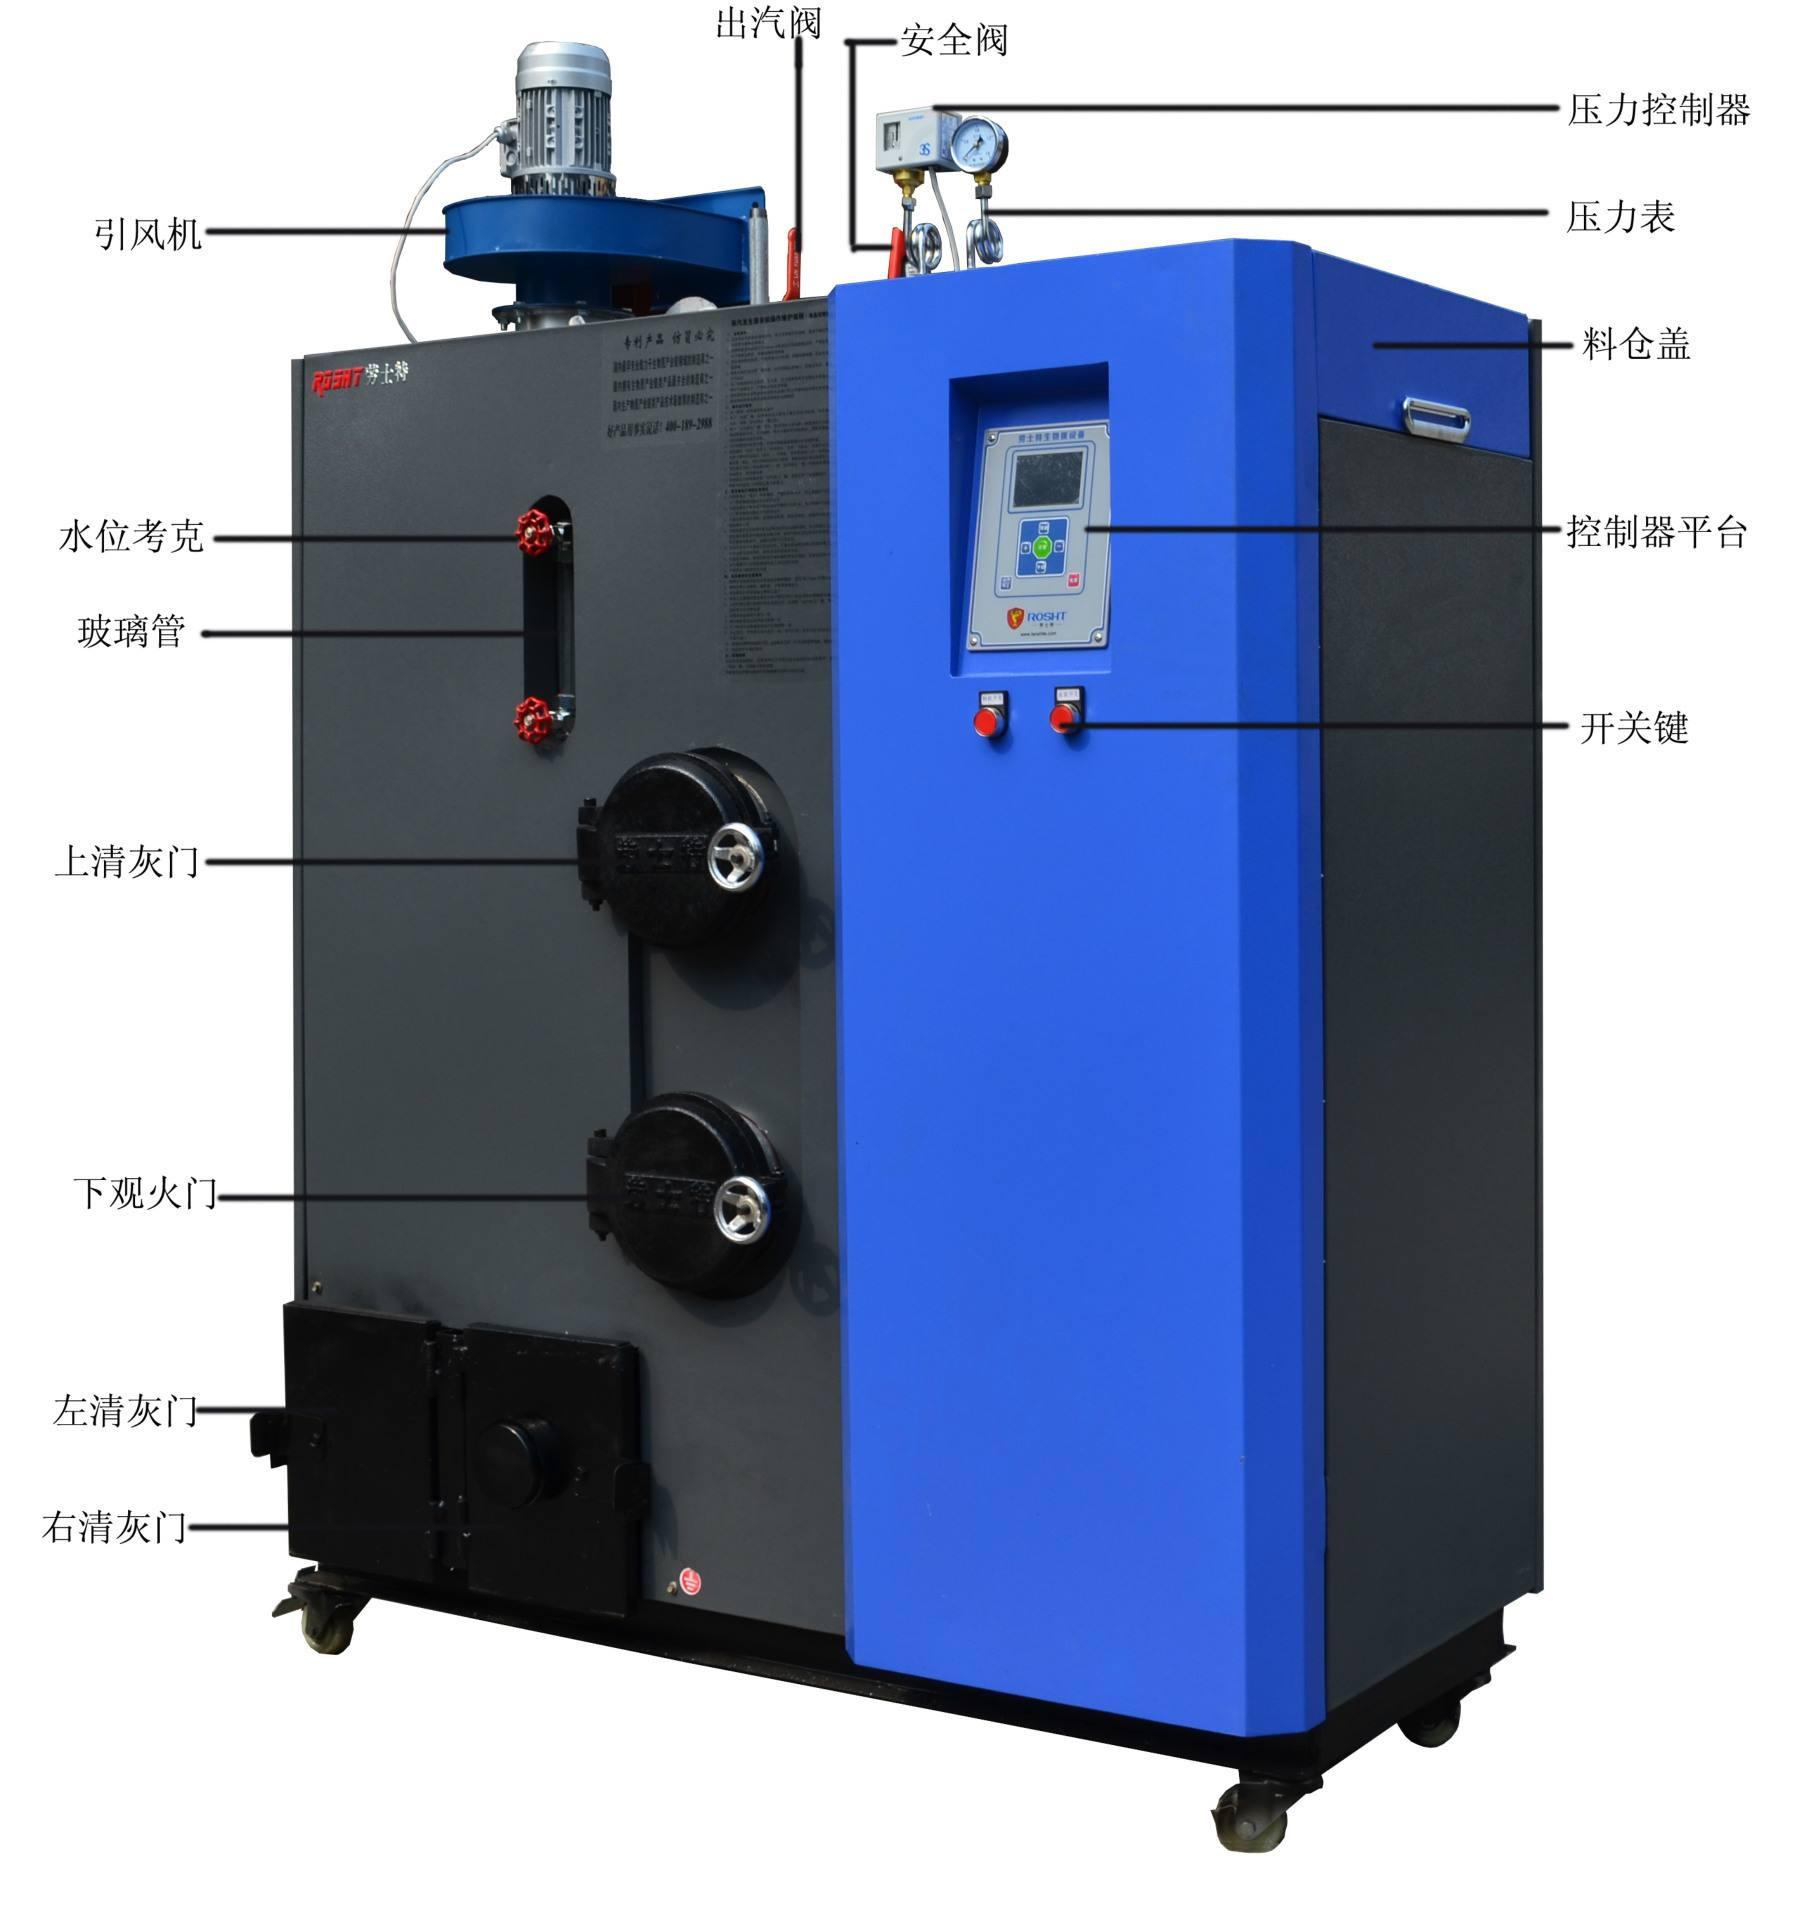 专业的150KG生物质蒸汽发生器,贵州福鑫宏源倾力推荐|150KG生物质蒸汽发生器供应商